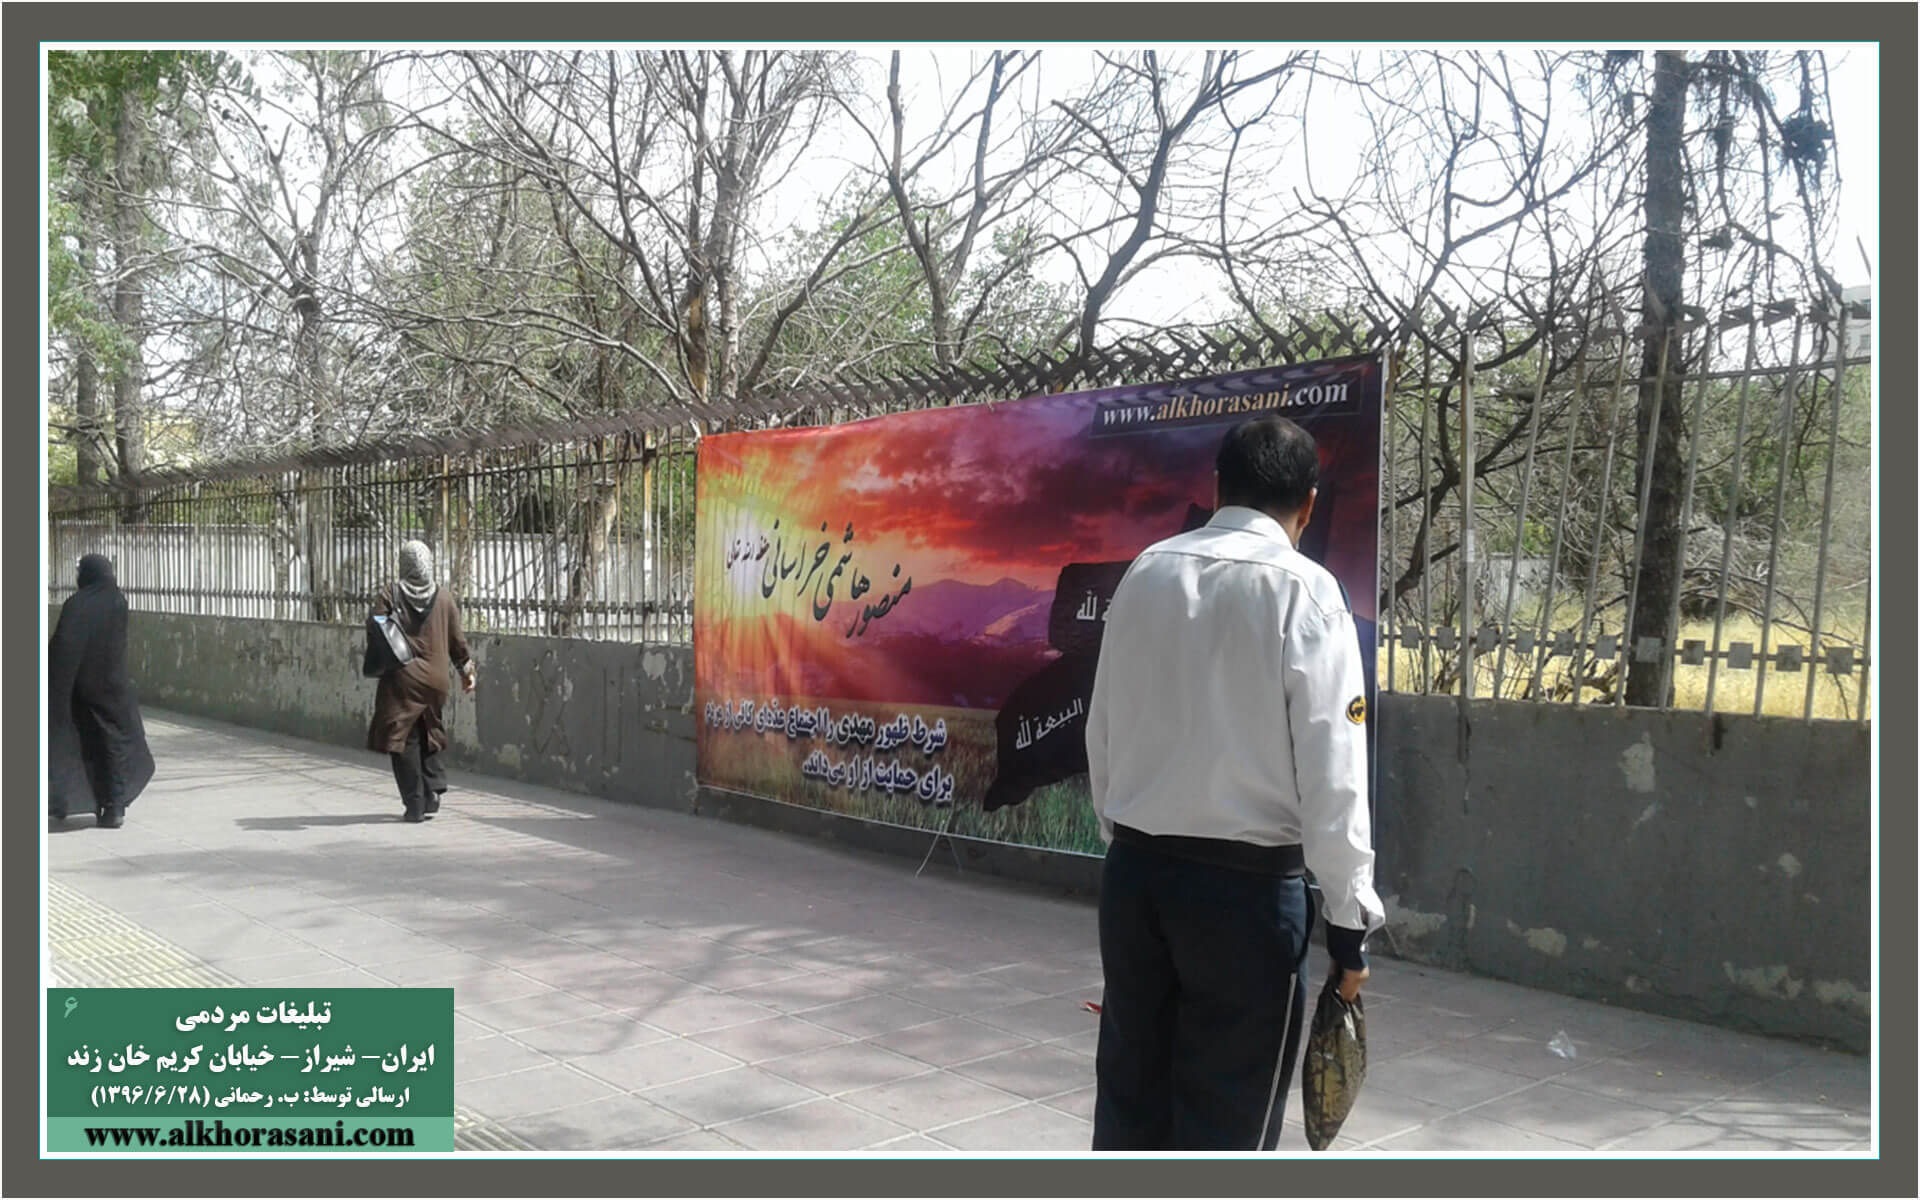 نهضت بازگشت به اسلام؛ شیراز